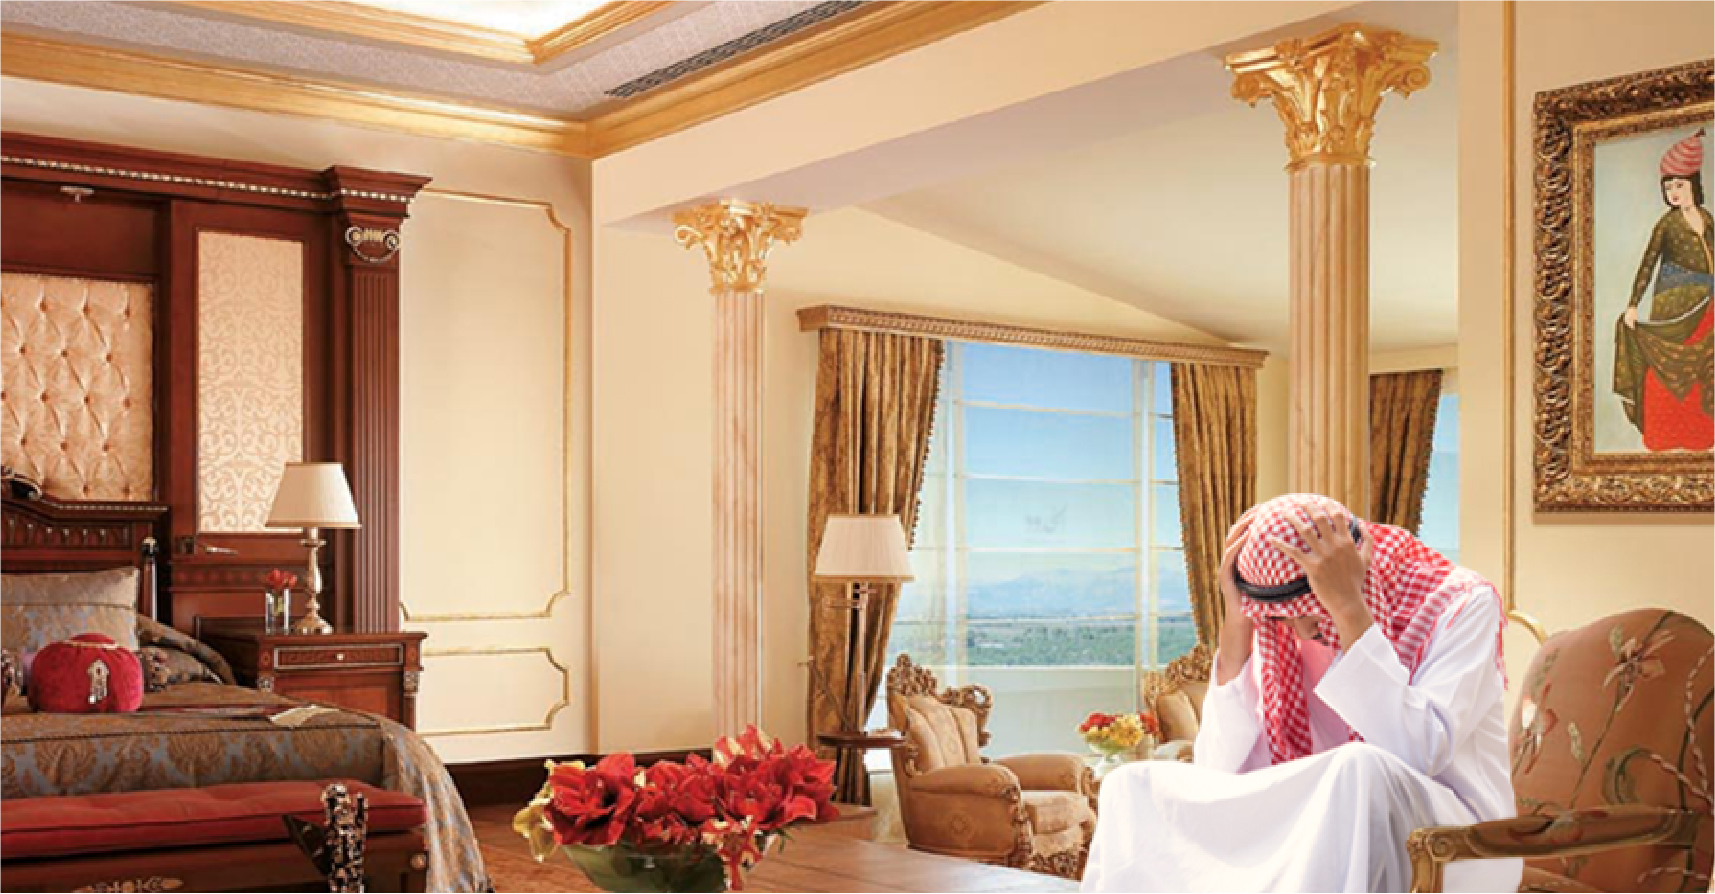 صورة أمير خليجي مُعدِم يعجز عن شراء فندق الخمس نجوم الذي يود الاستجمام فيه